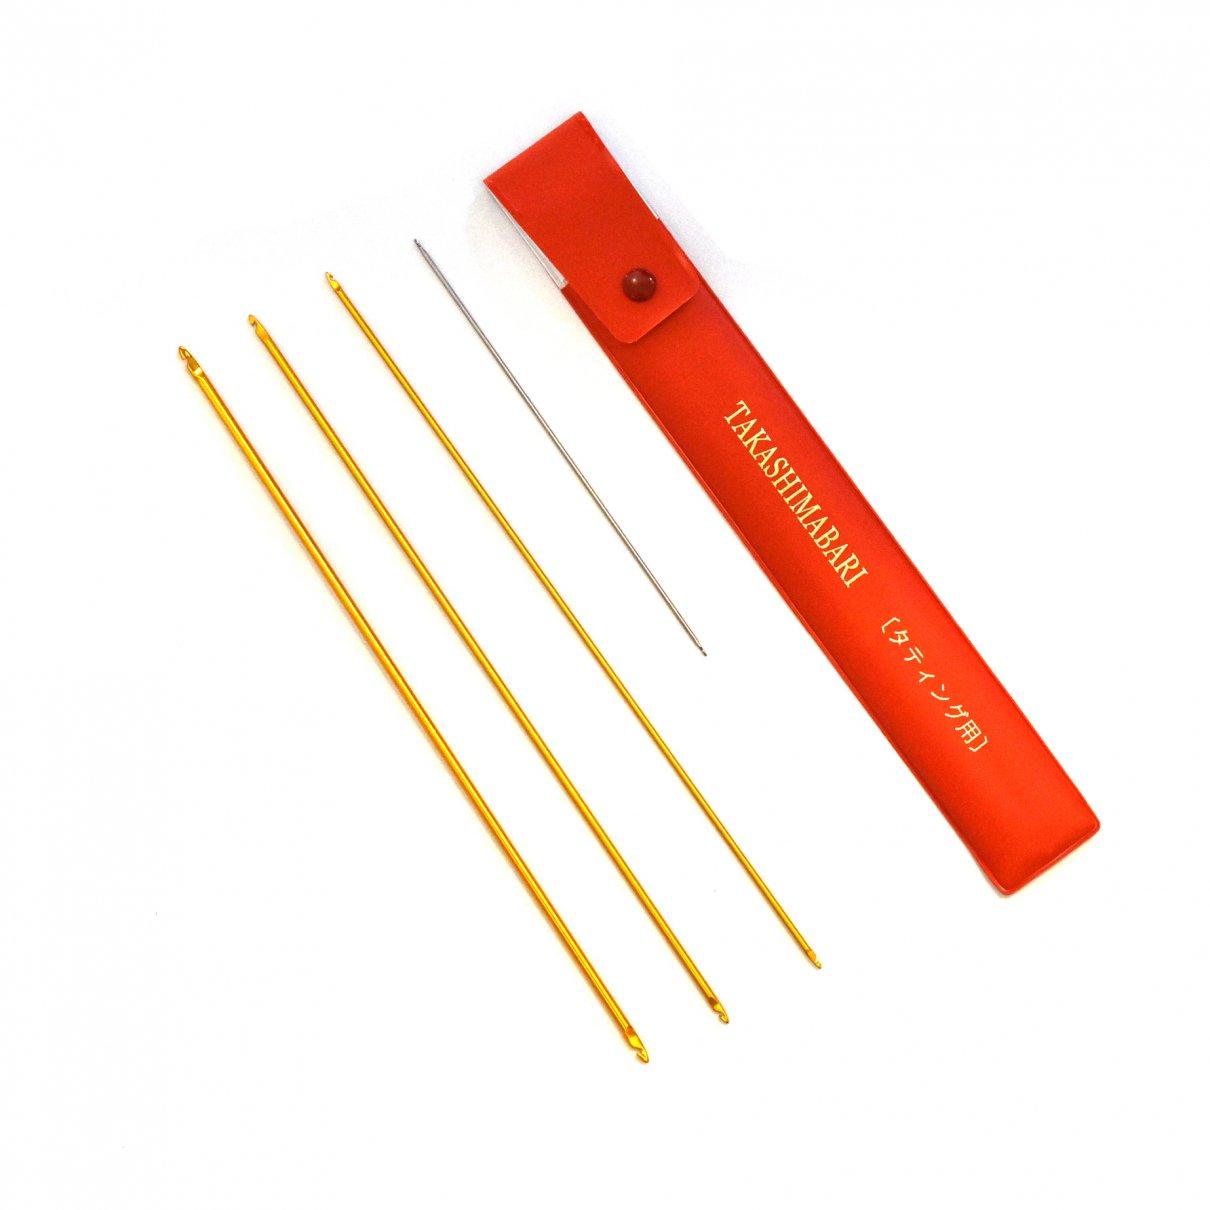 高嶋タティング針4サイズセット